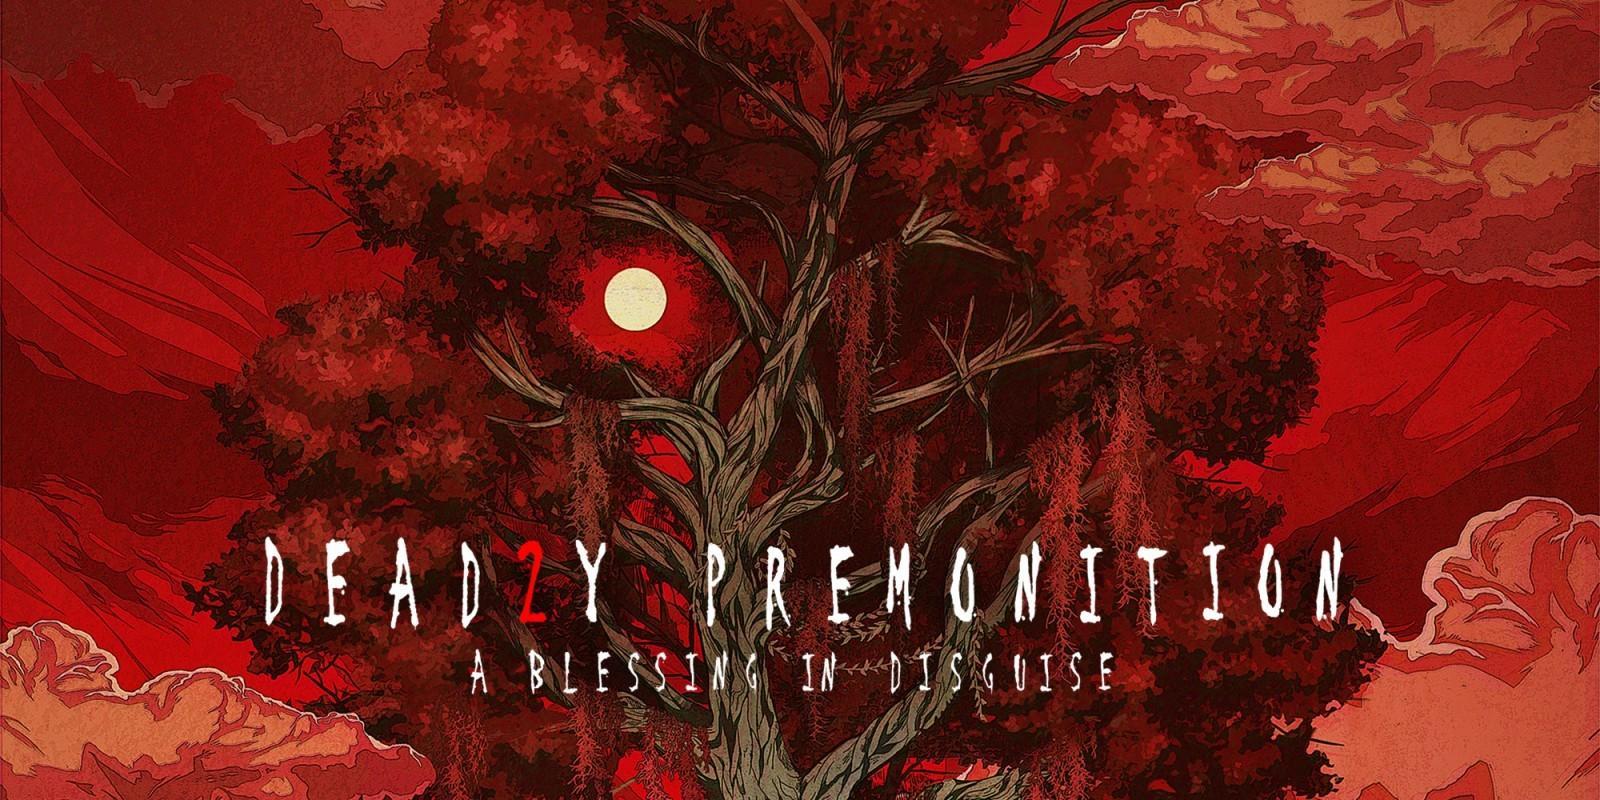 Обзор: Deadly Premonition 2 - История повторяется 33